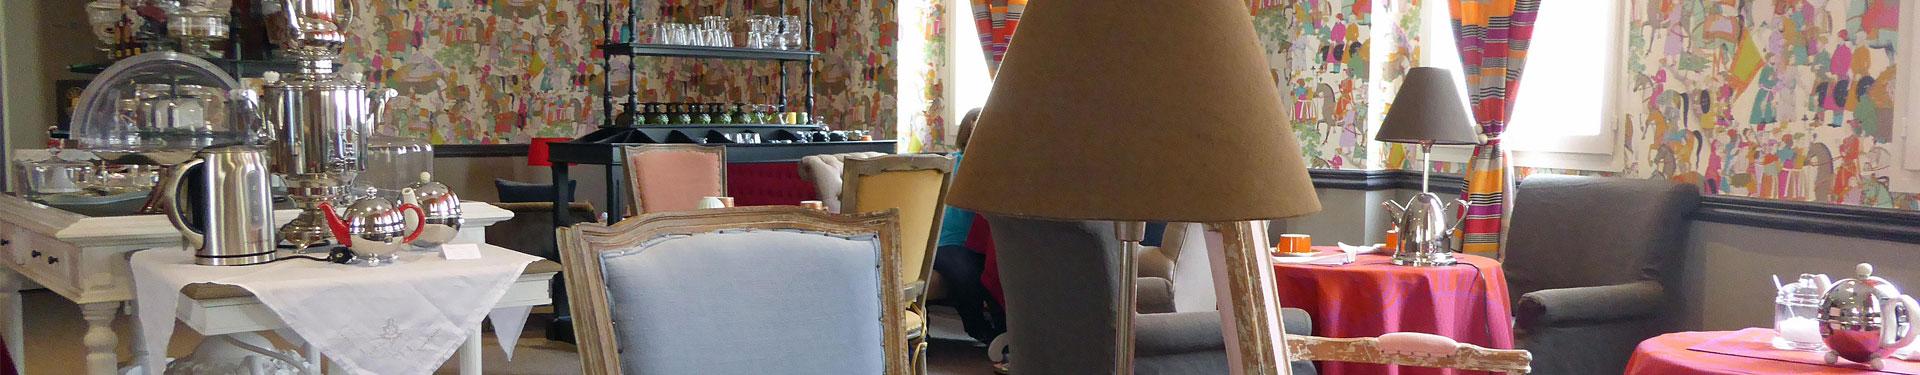 Café - Salons de Thé UFE Pérou